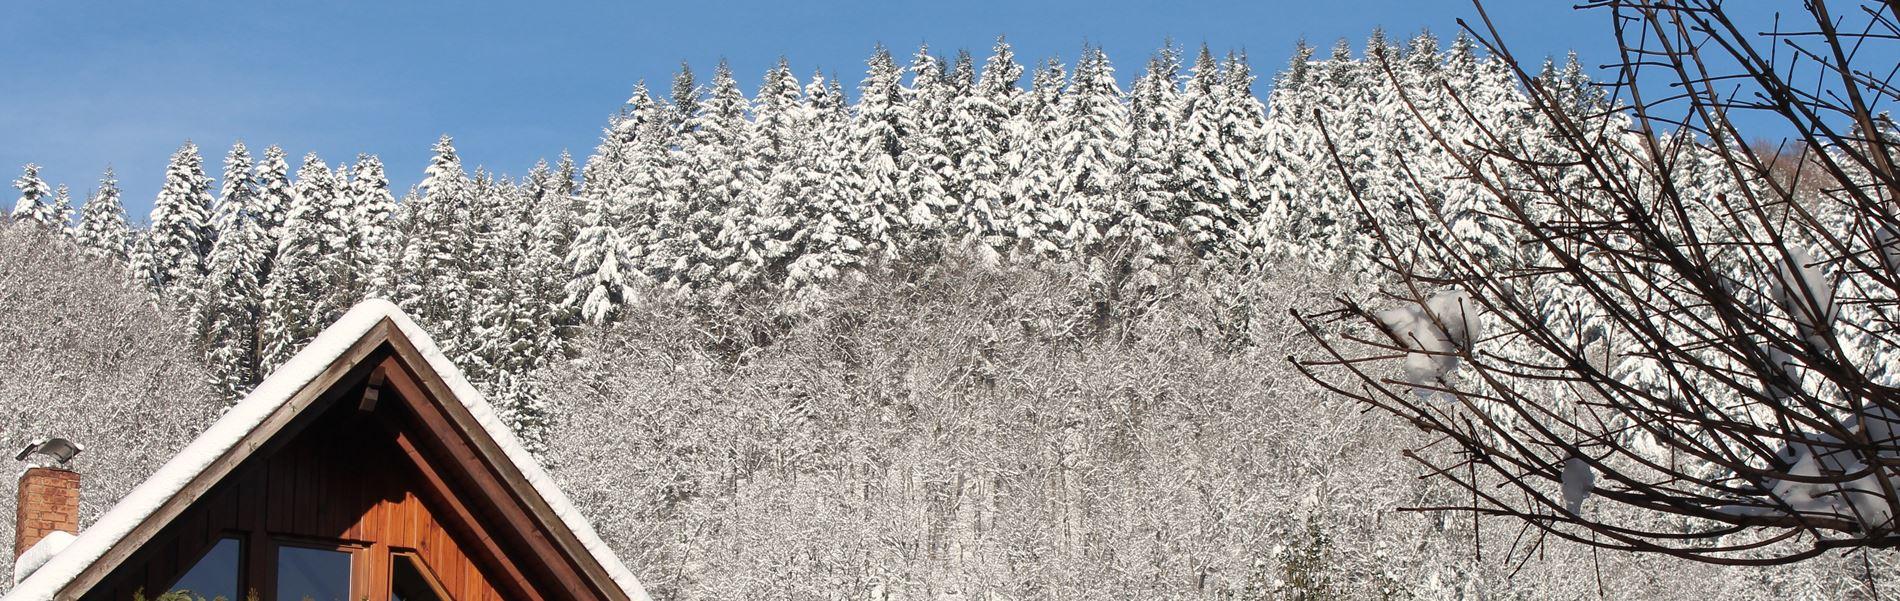 Ausblicke im Winter in Oberharmersbach